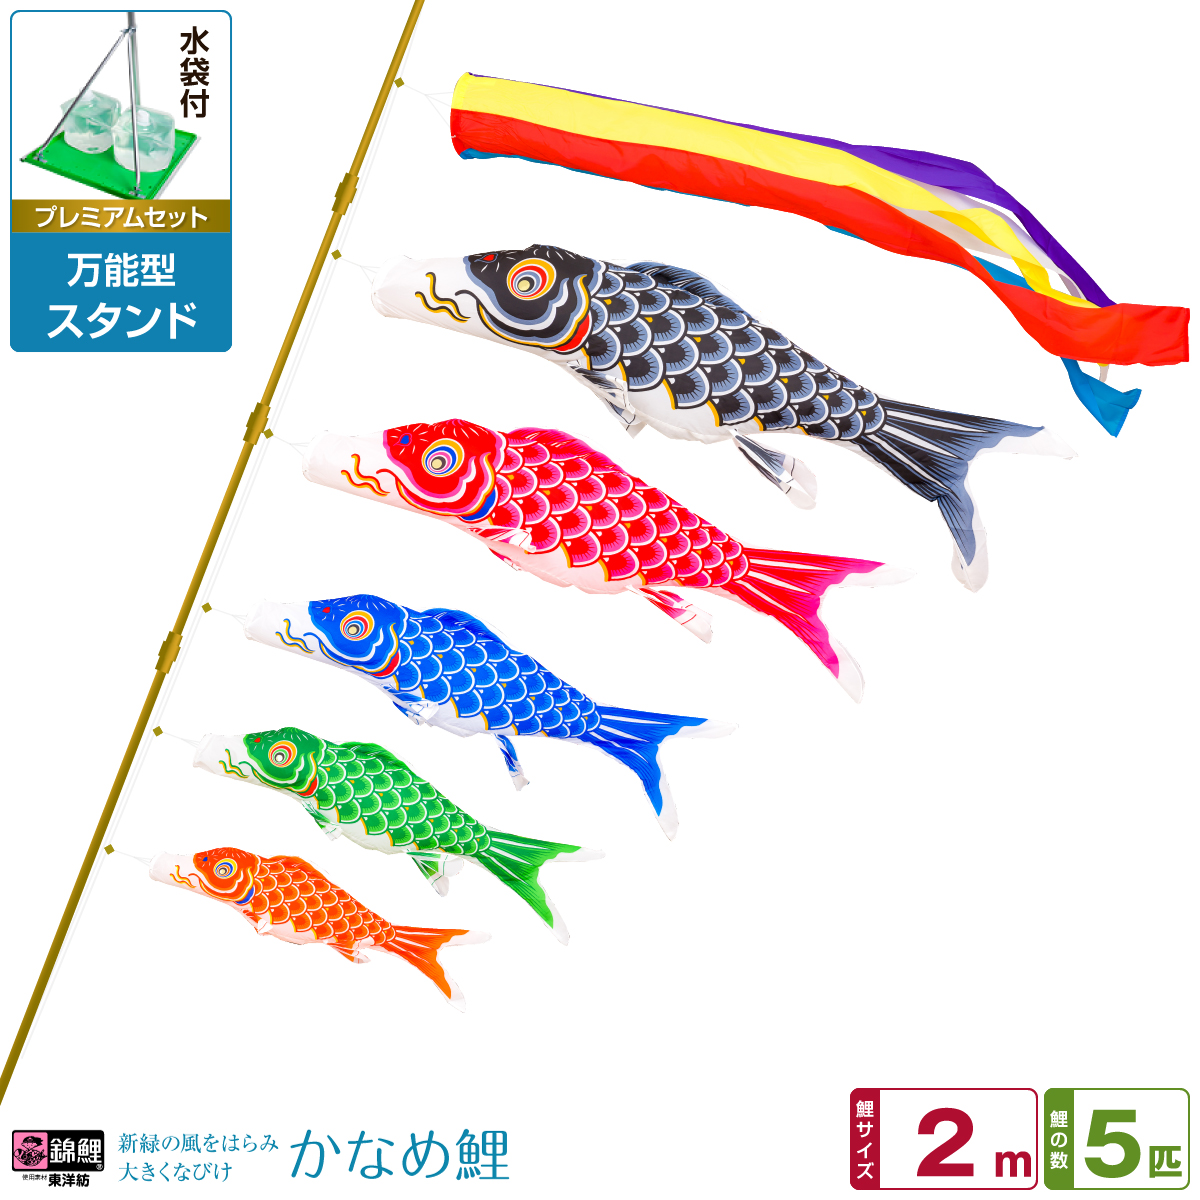 ベランダ用 こいのぼり 鯉のぼり 錦鯉 新緑の風になびく かなめ鯉 2m 8点(吹流し+鯉5匹+矢車+ロープ)/プレミアムセット(万能スタンド)